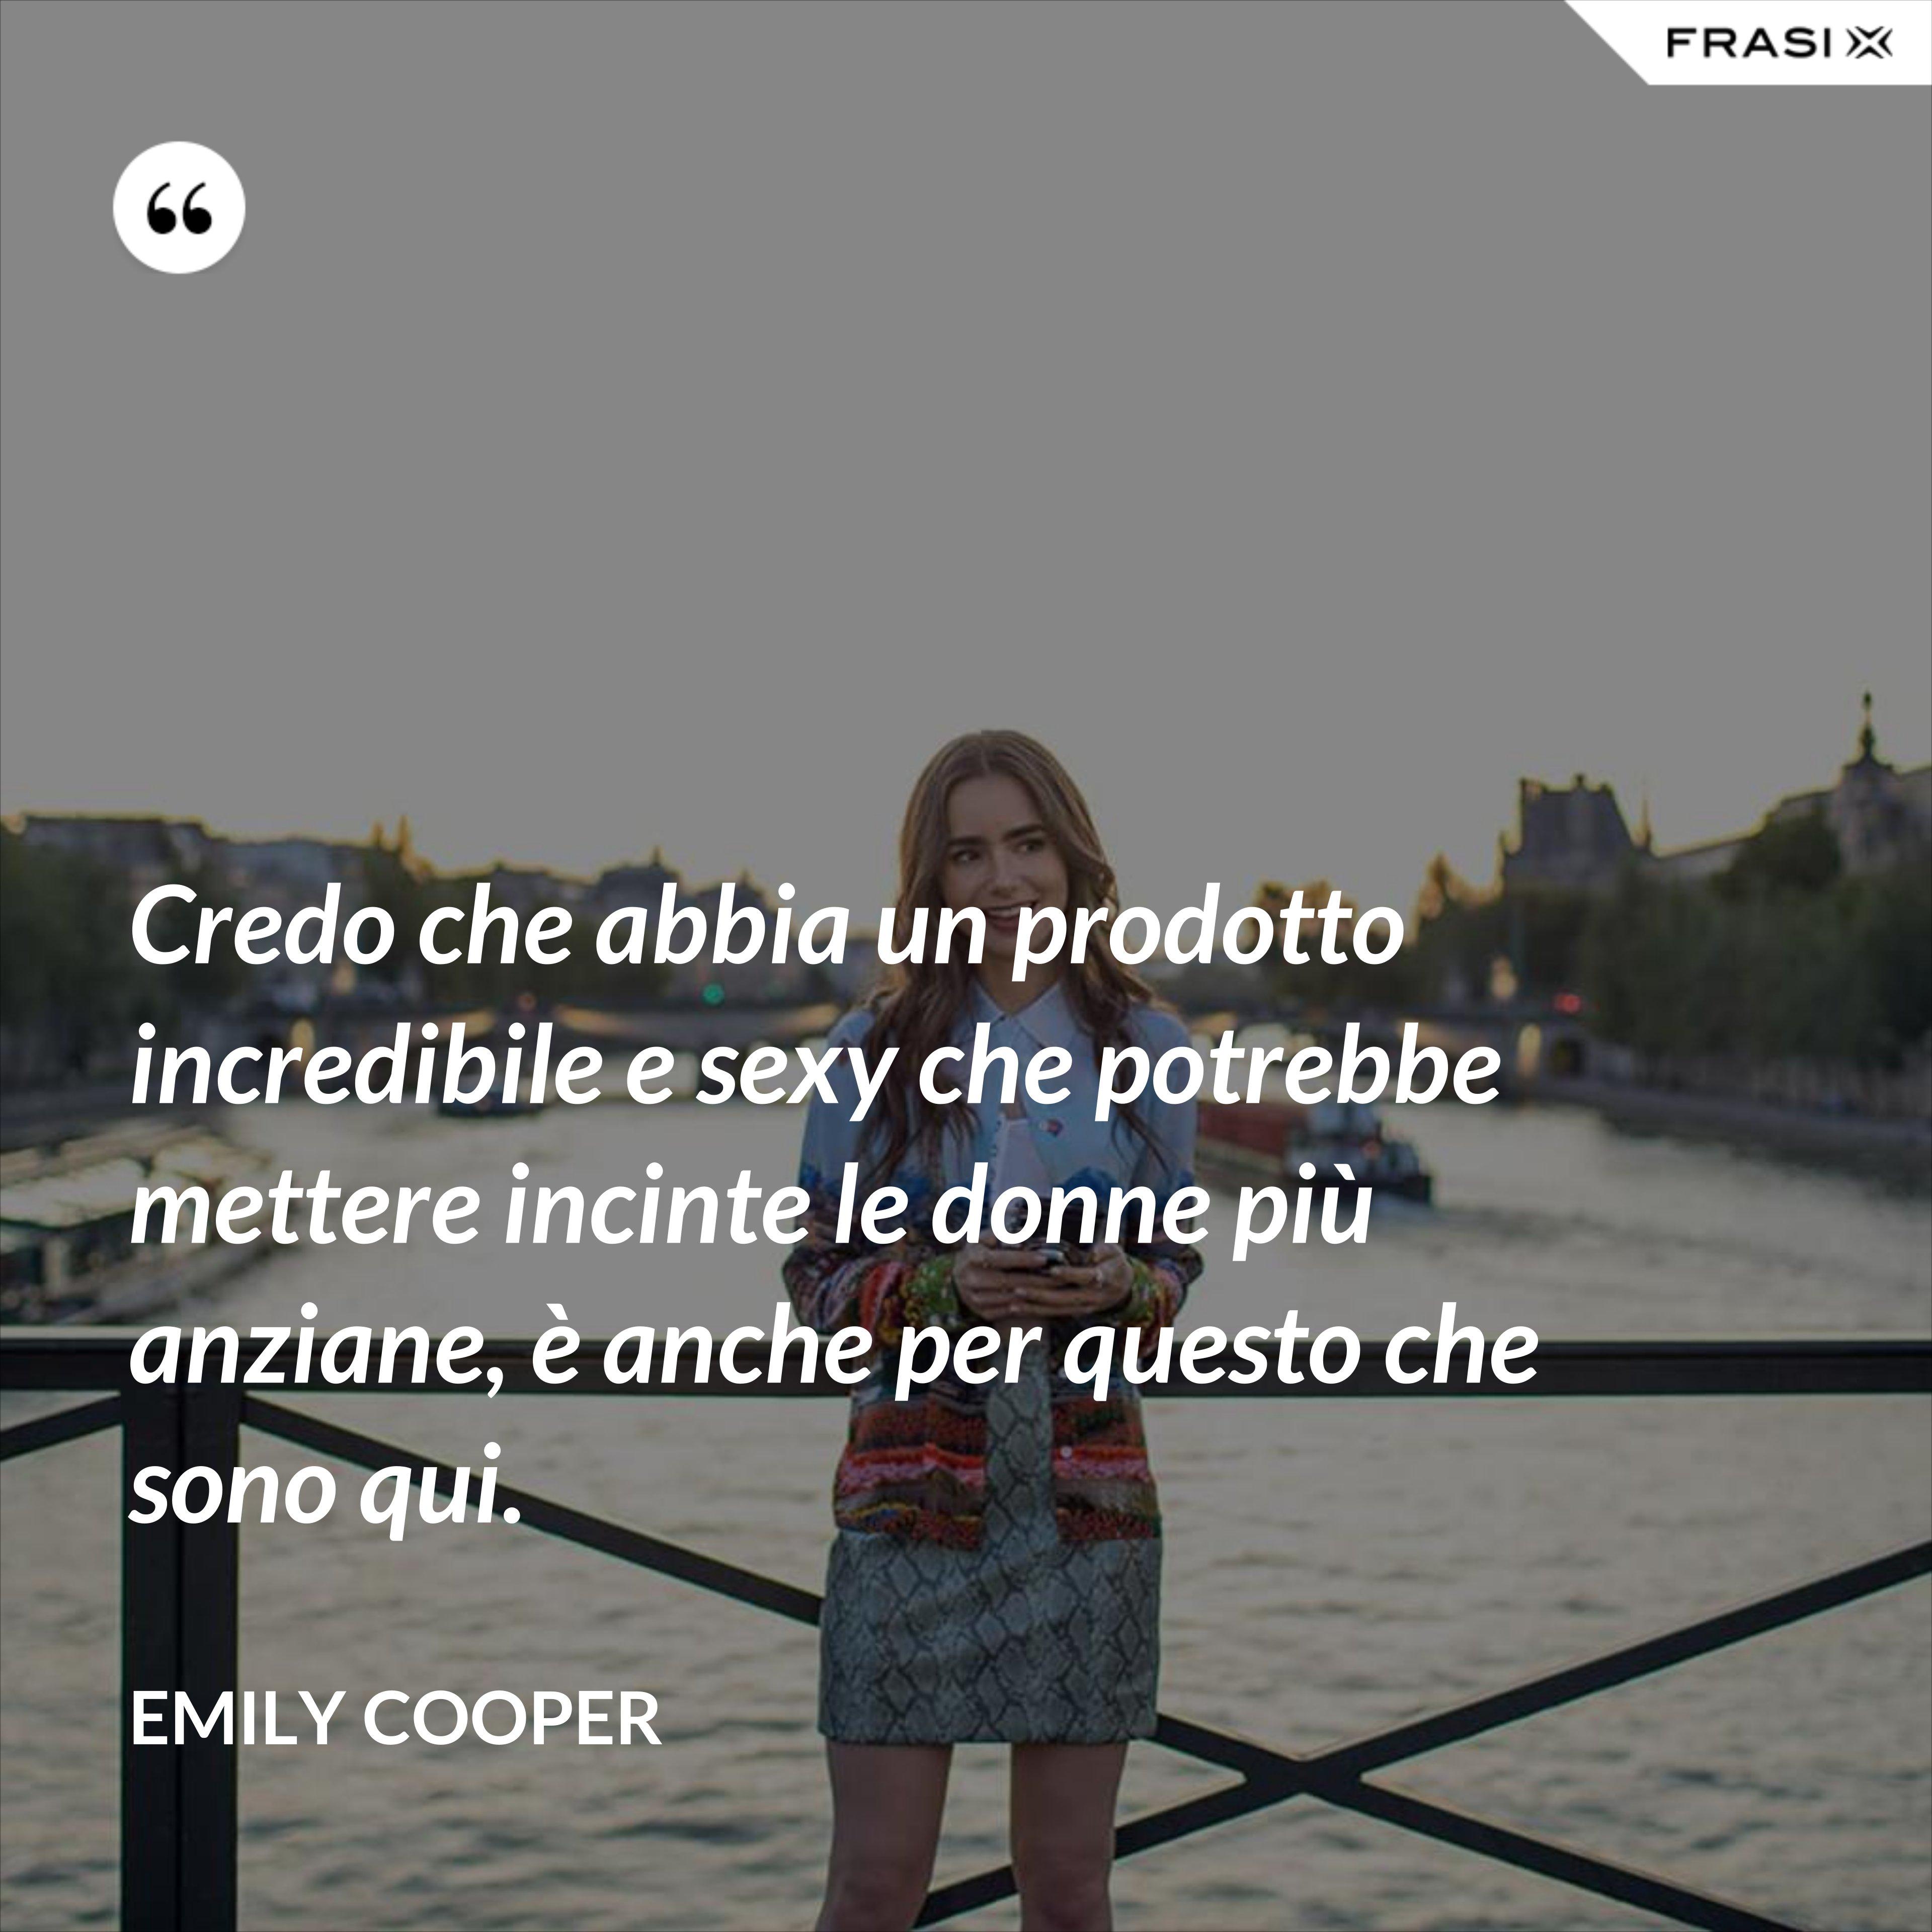 Credo che abbia un prodotto incredibile e sexy che potrebbe mettere incinte le donne più anziane, è anche per questo che sono qui. - Emily Cooper